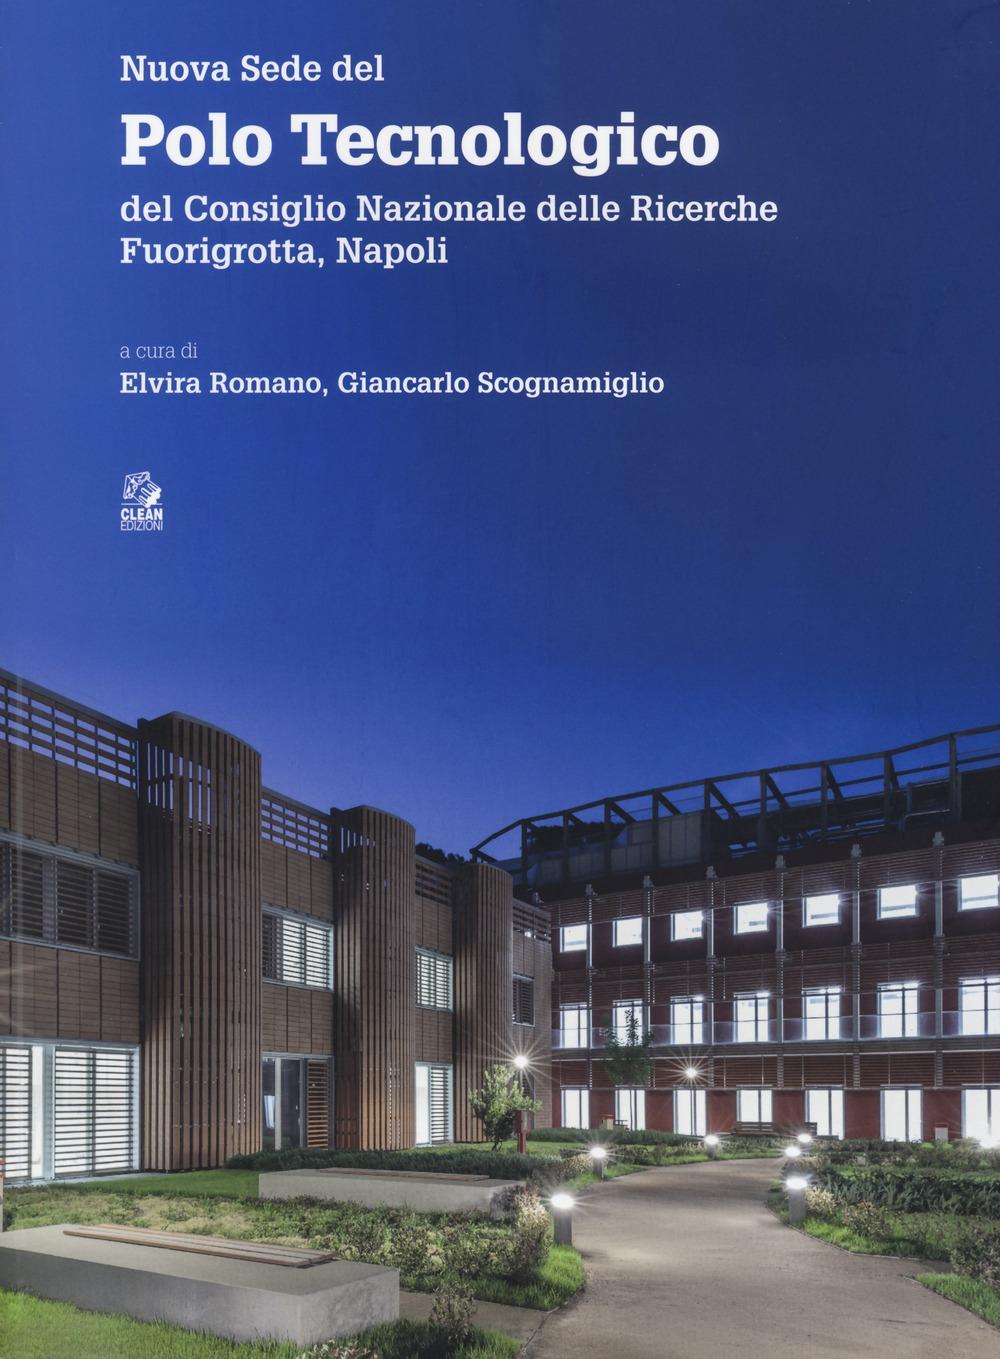 Nuova sede del Polo tecnologico del Consiglio nazionale delle ricerche. Fuorigrotta, Napoli